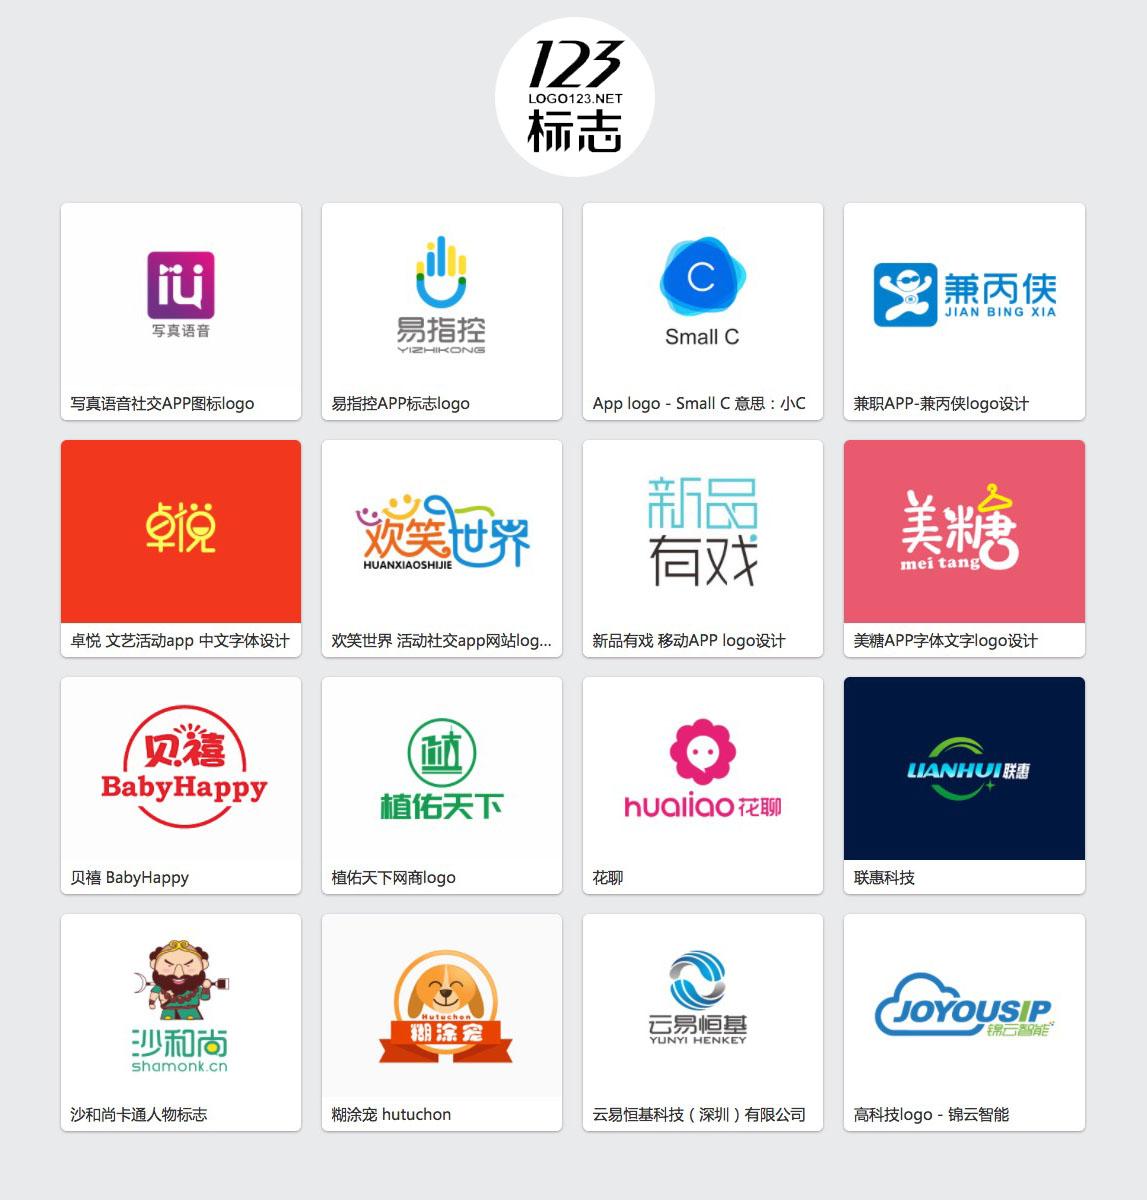 123标志网原创app应用图标logo设计